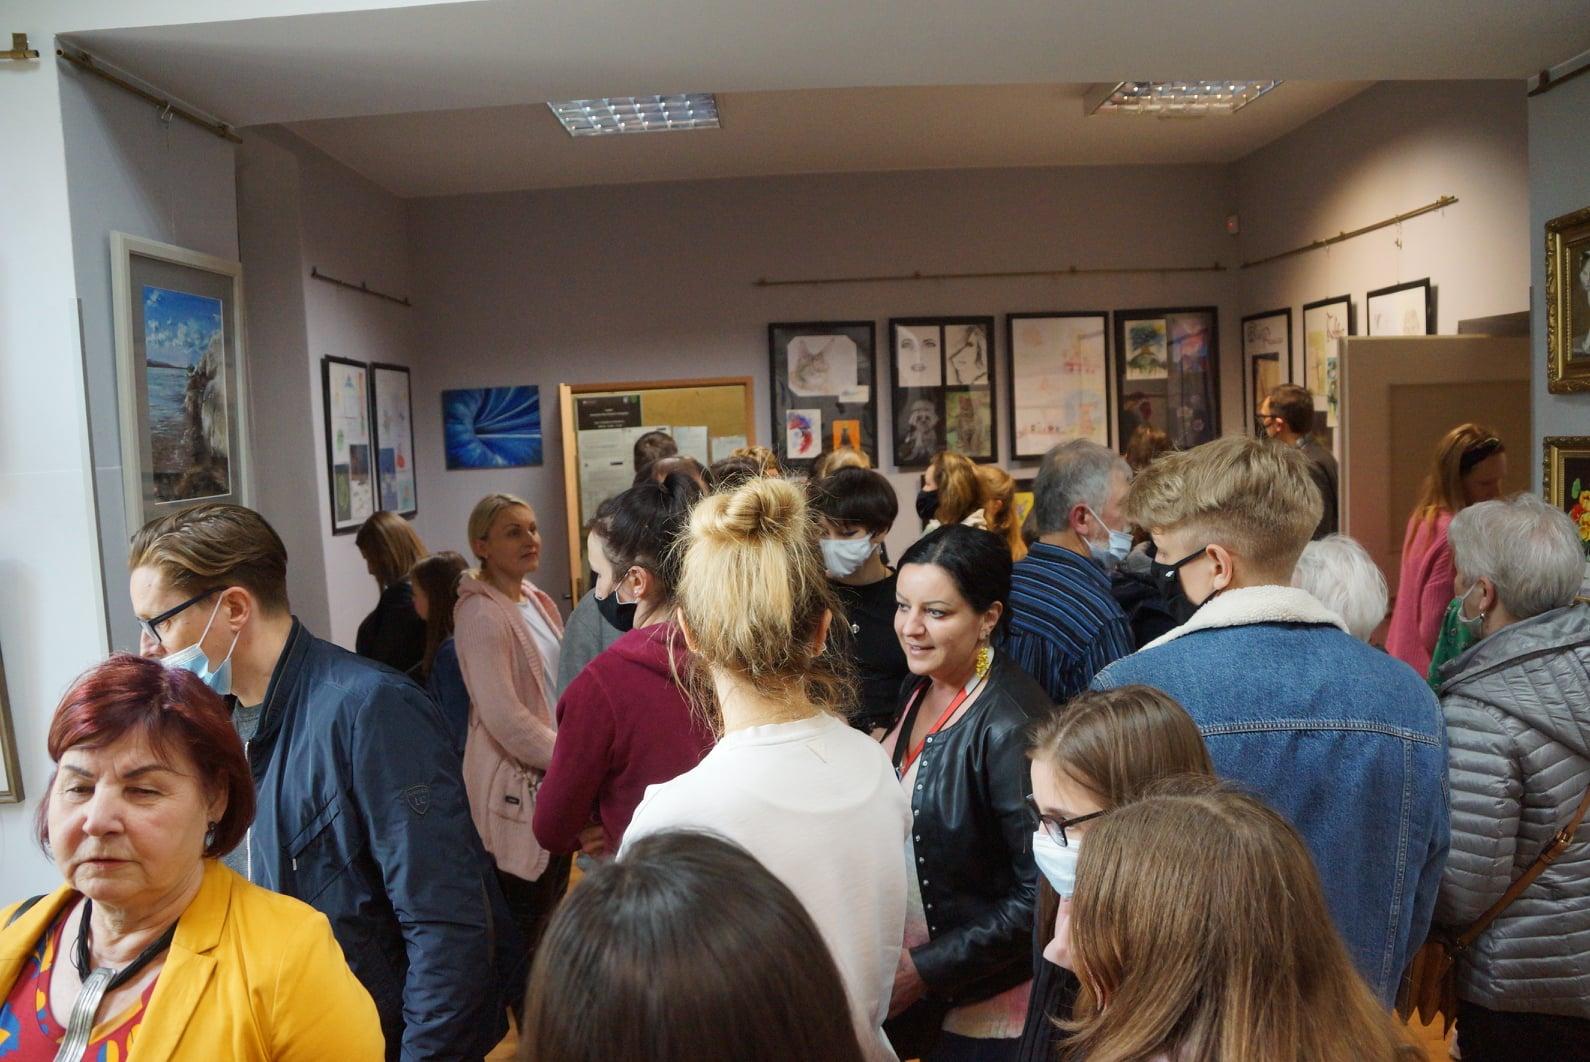 zdjęcie przedstawia osoby, zwiedzające galerię obrazów